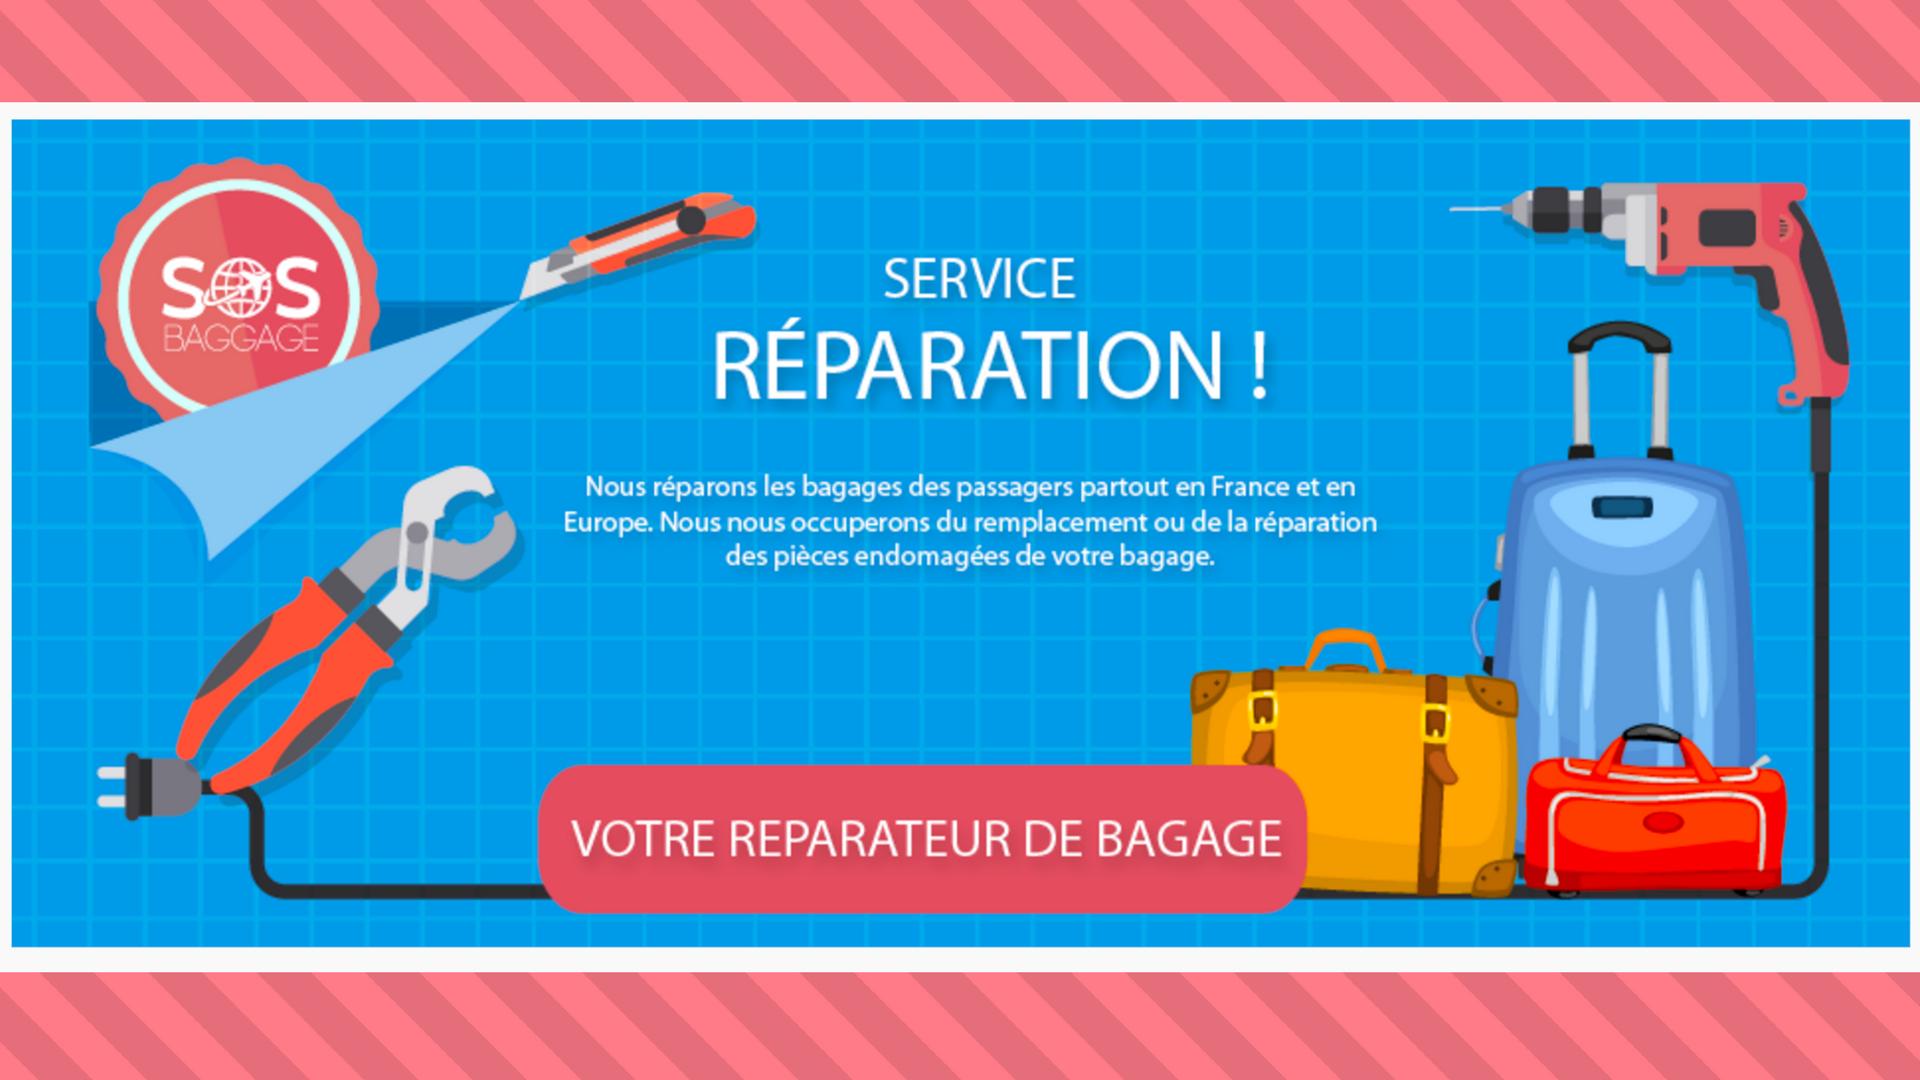 REPARATION BAGAGE